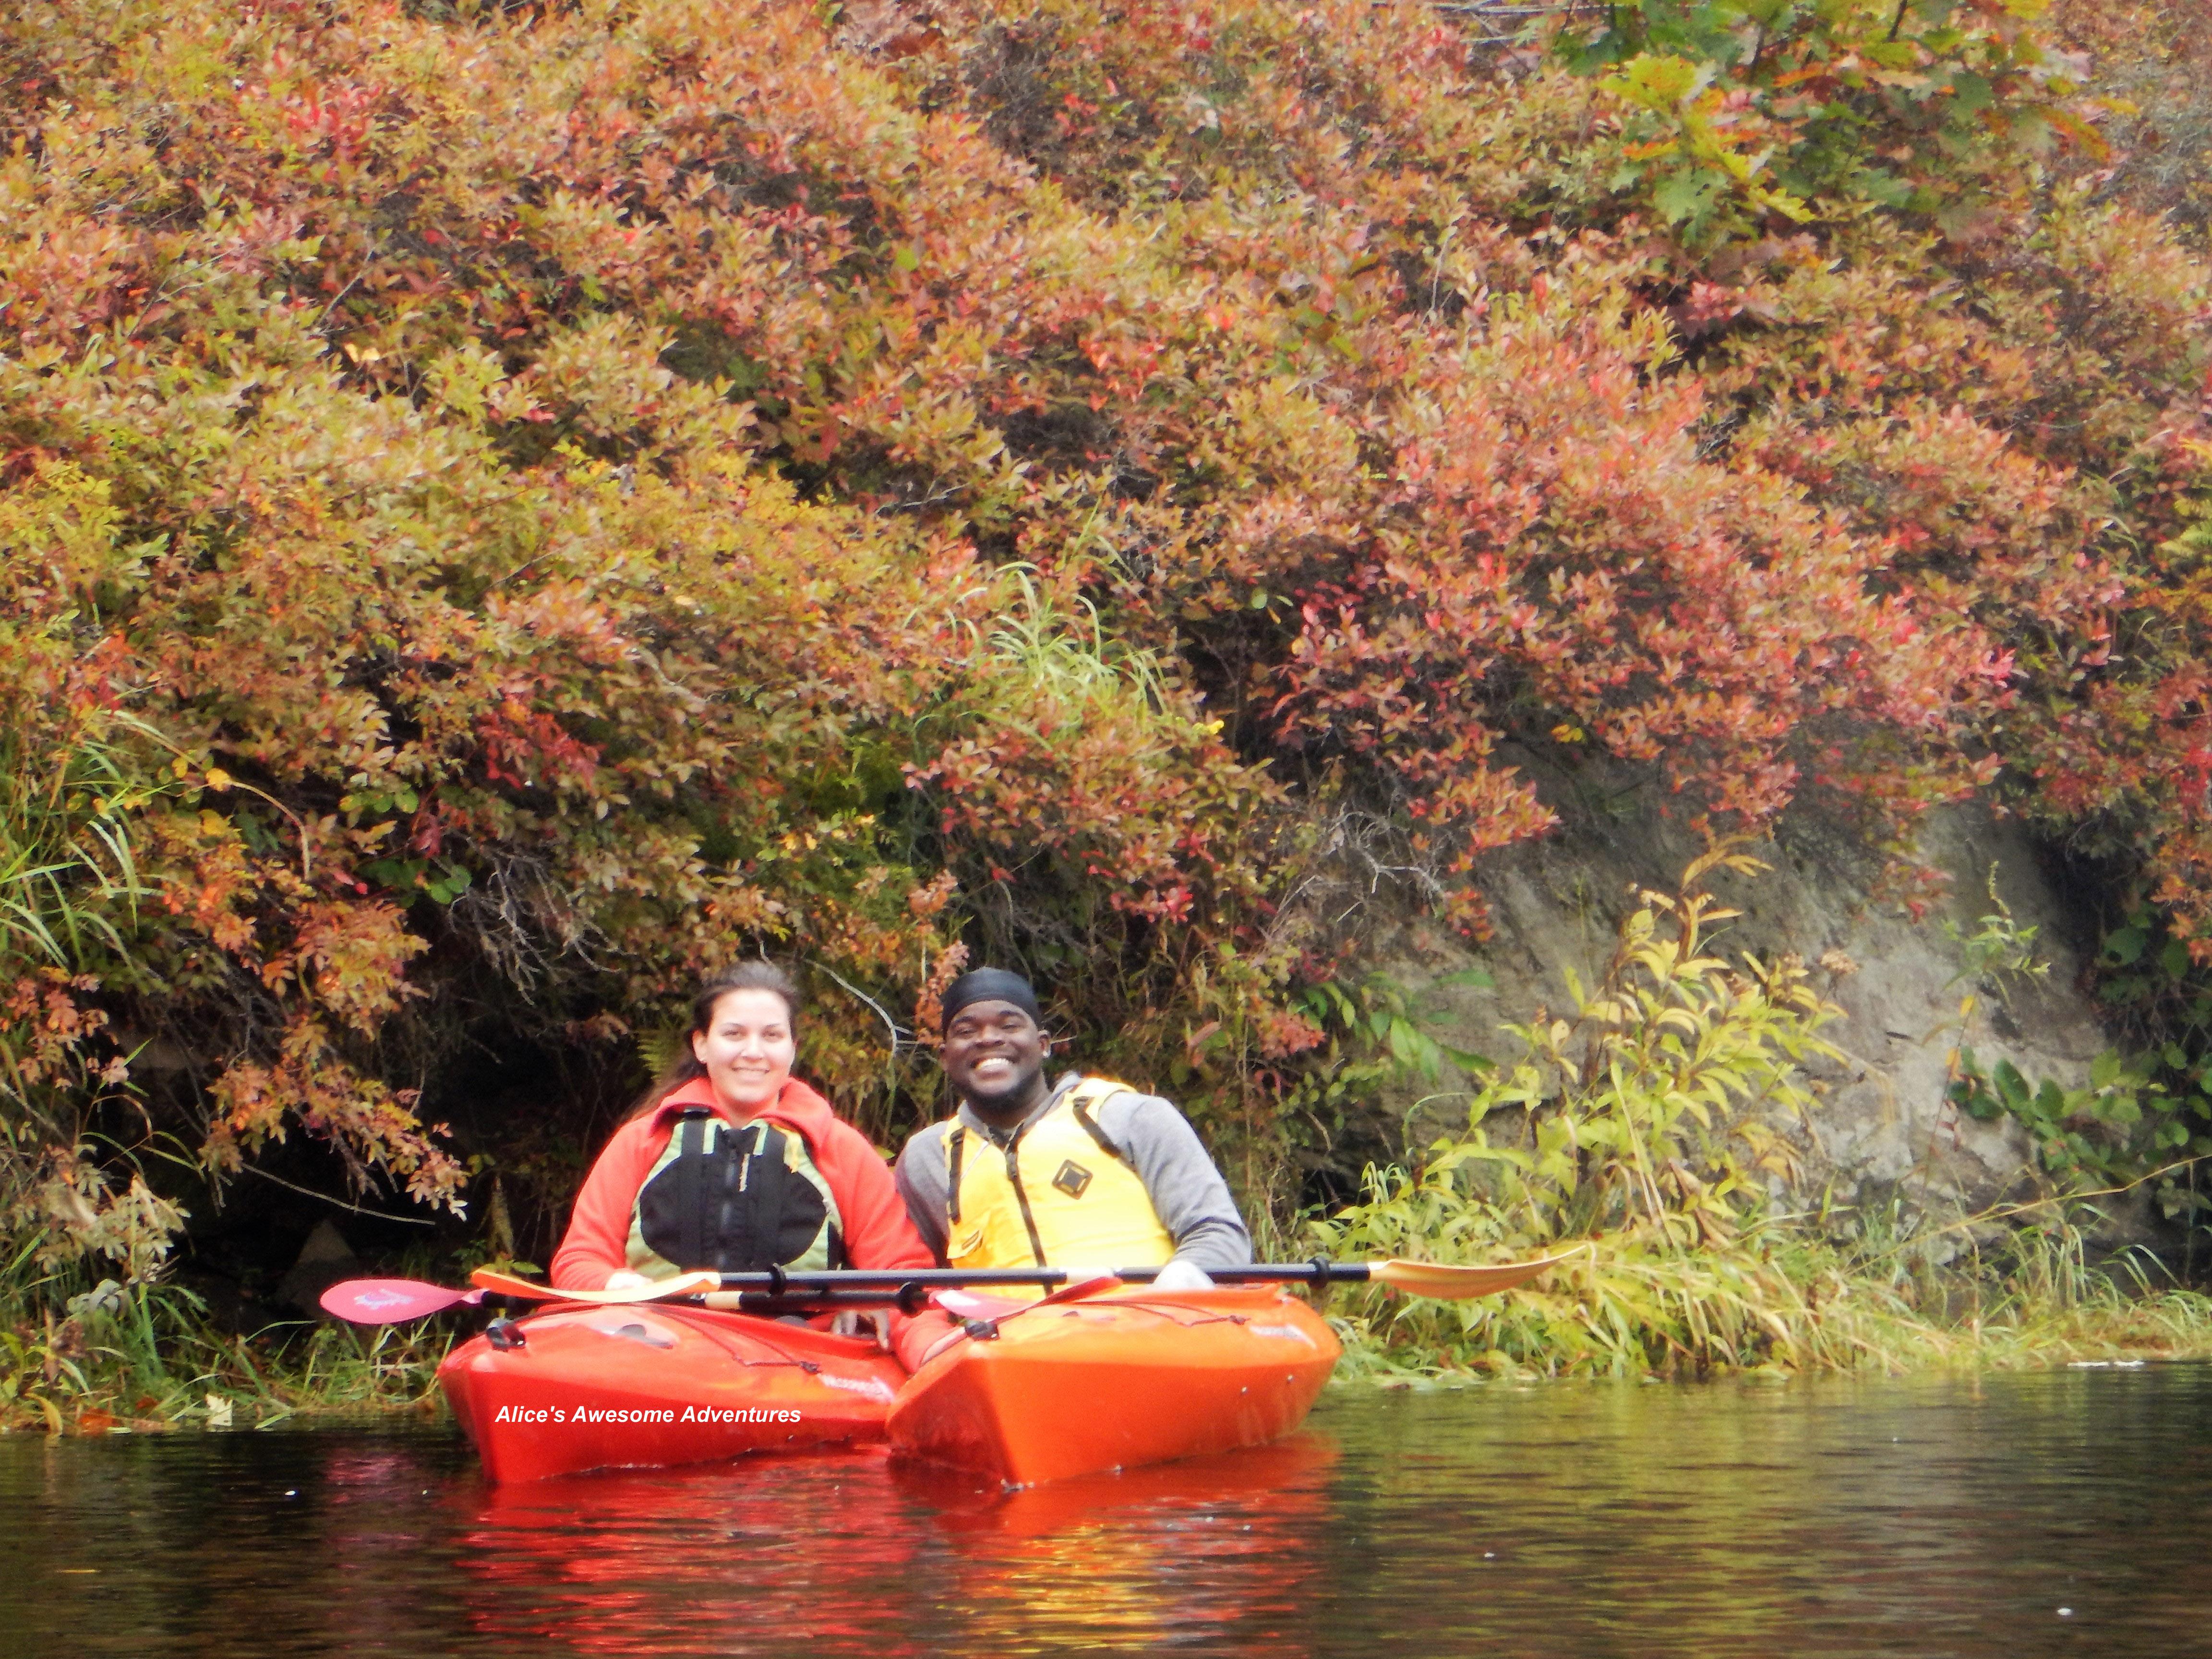 Lower Androscoggin River in Fall